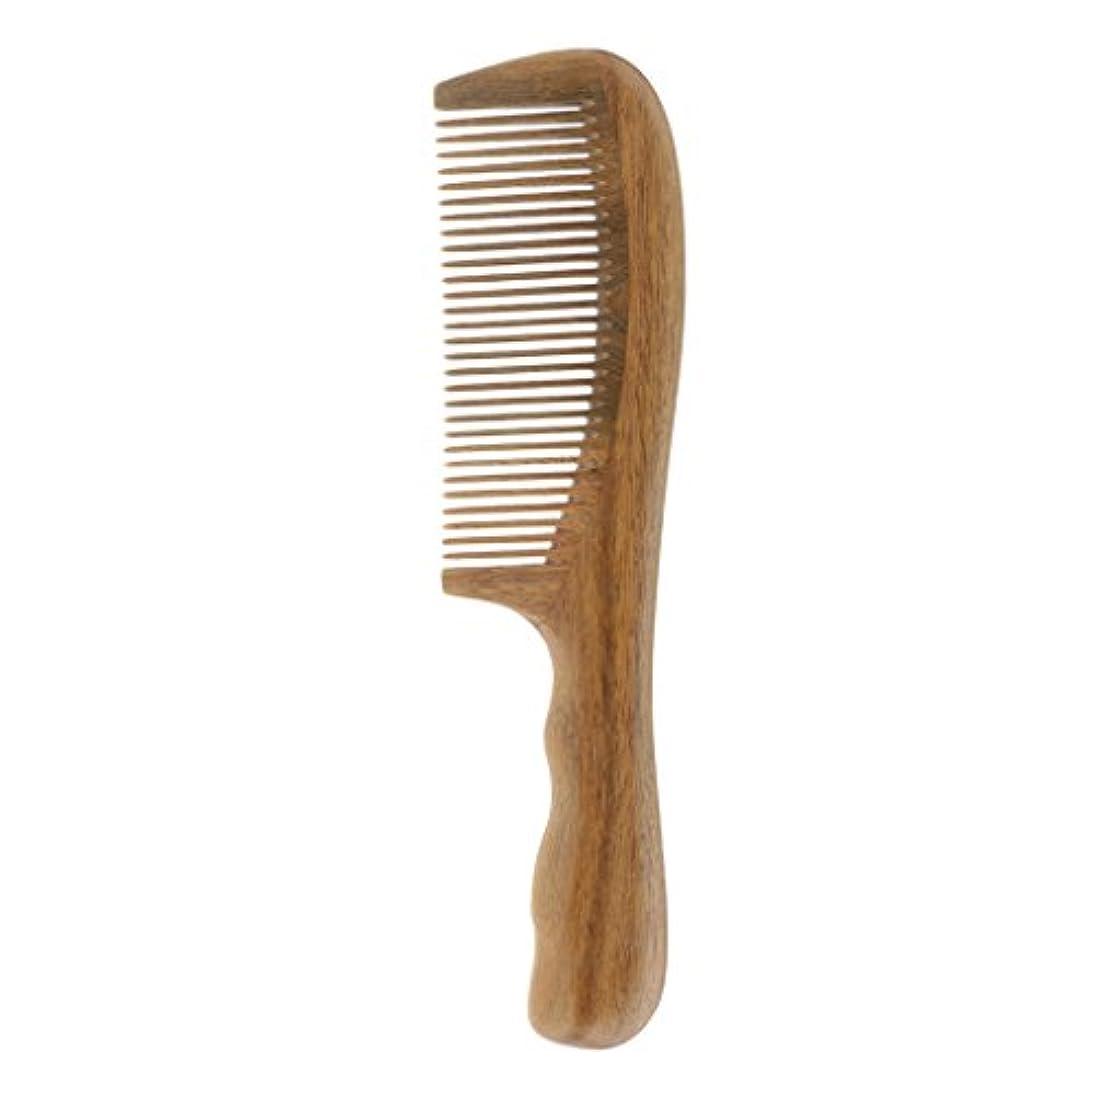 ポルティコかすれたミルくし コーム 木製 もつれ解く ウッドコーム 波状ハンドル 頭皮マッサージ 2タイプ選べる - 細かい歯